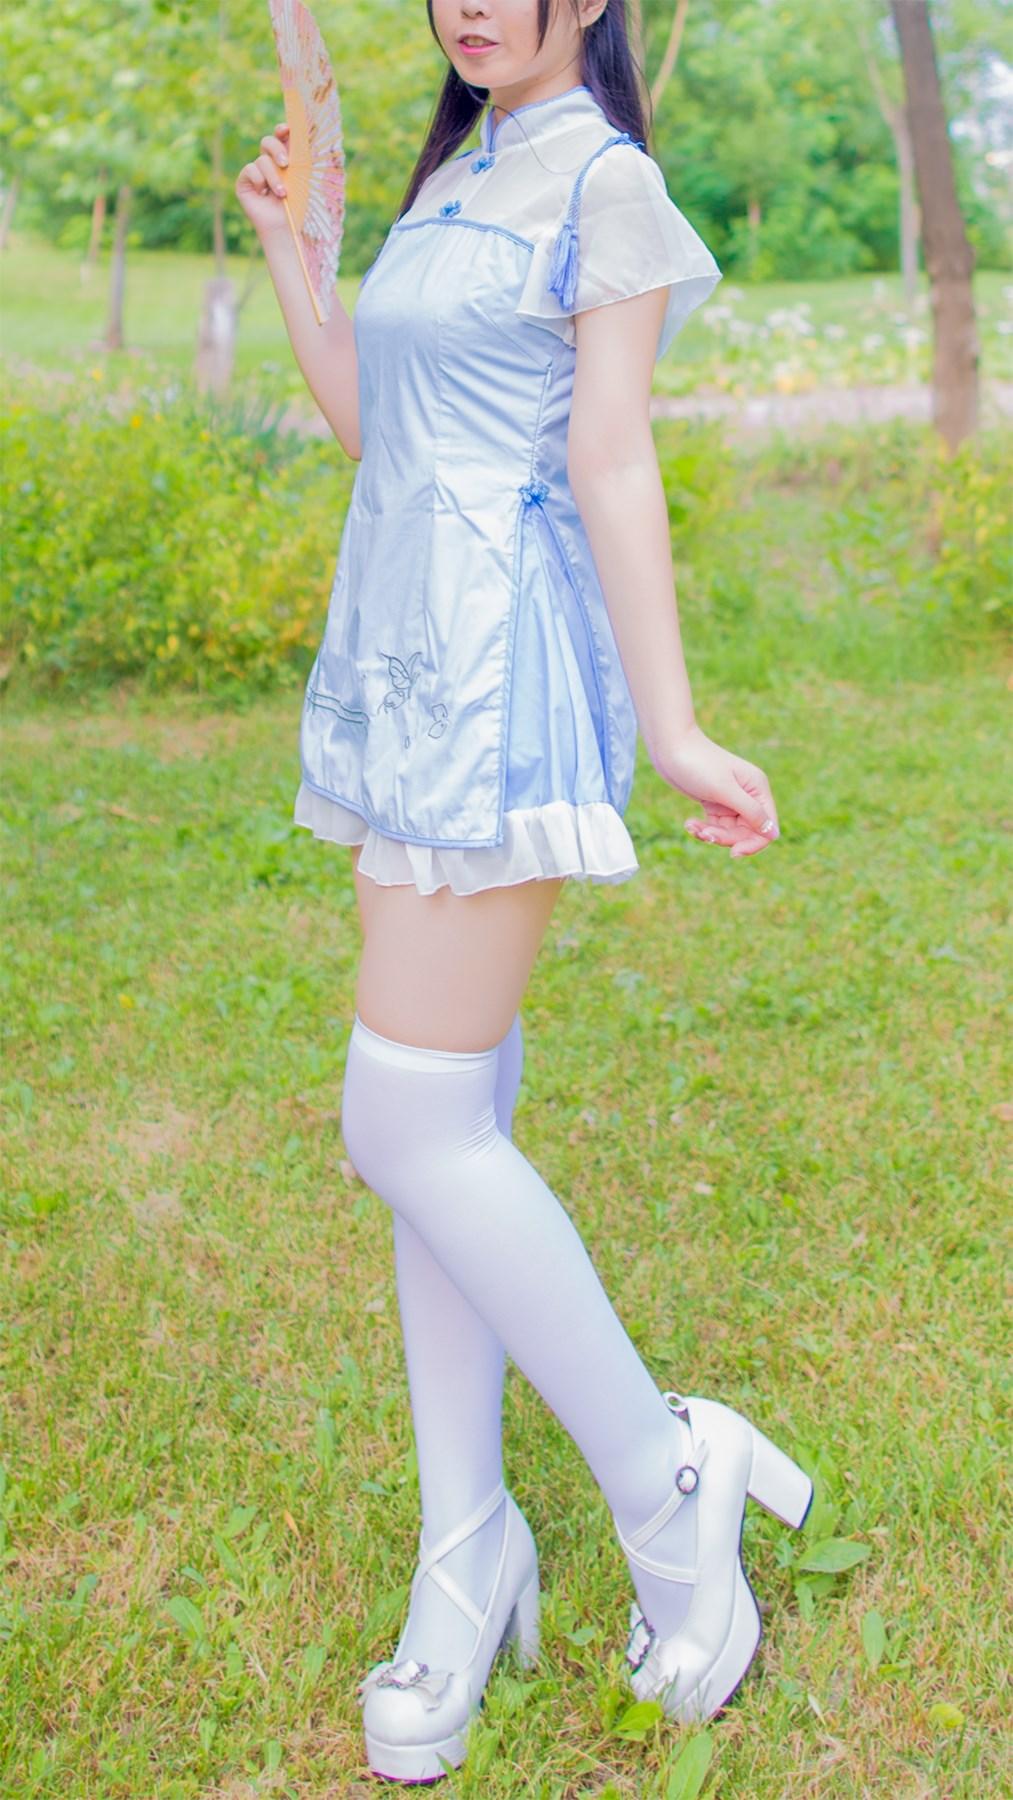 【兔玩映画】白丝旗袍 兔玩映画 第42张